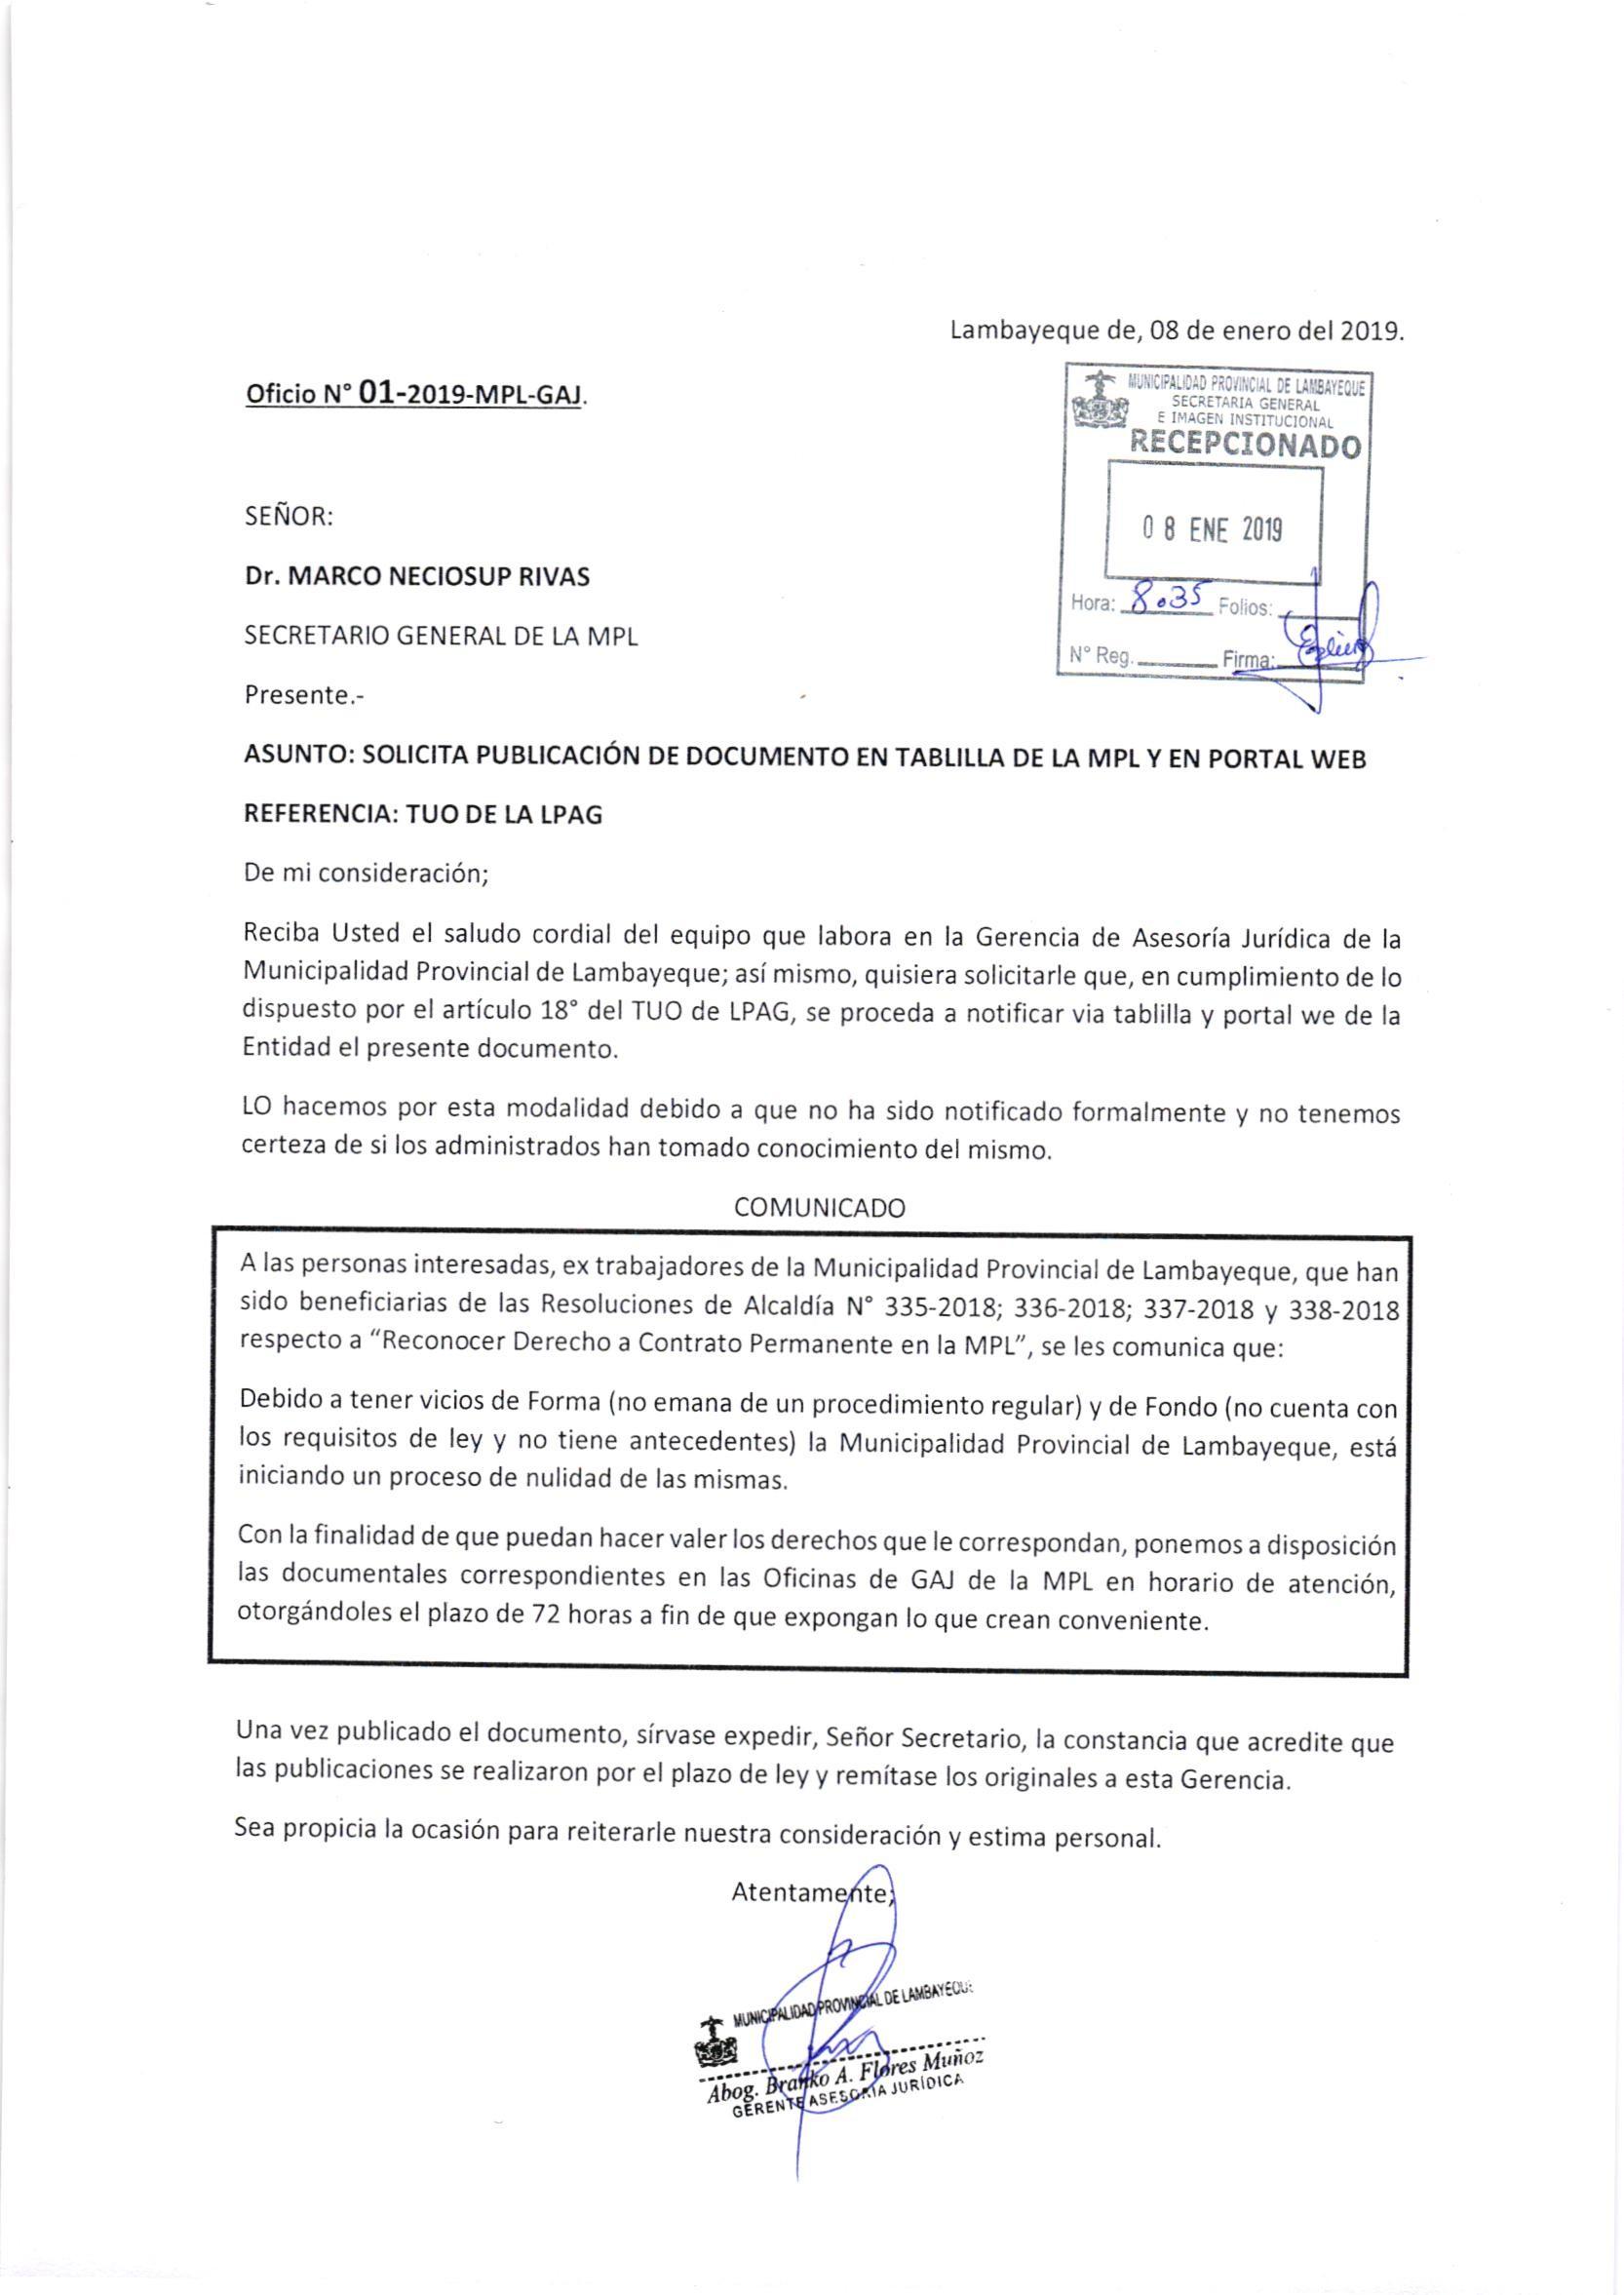 Calendario Escolar 2019 Primaria Más Recientes Noticias Of Calendario Escolar 2019 Primaria Recientes Colegio San José De La Monta±a Palma De Mallorca Colegio San